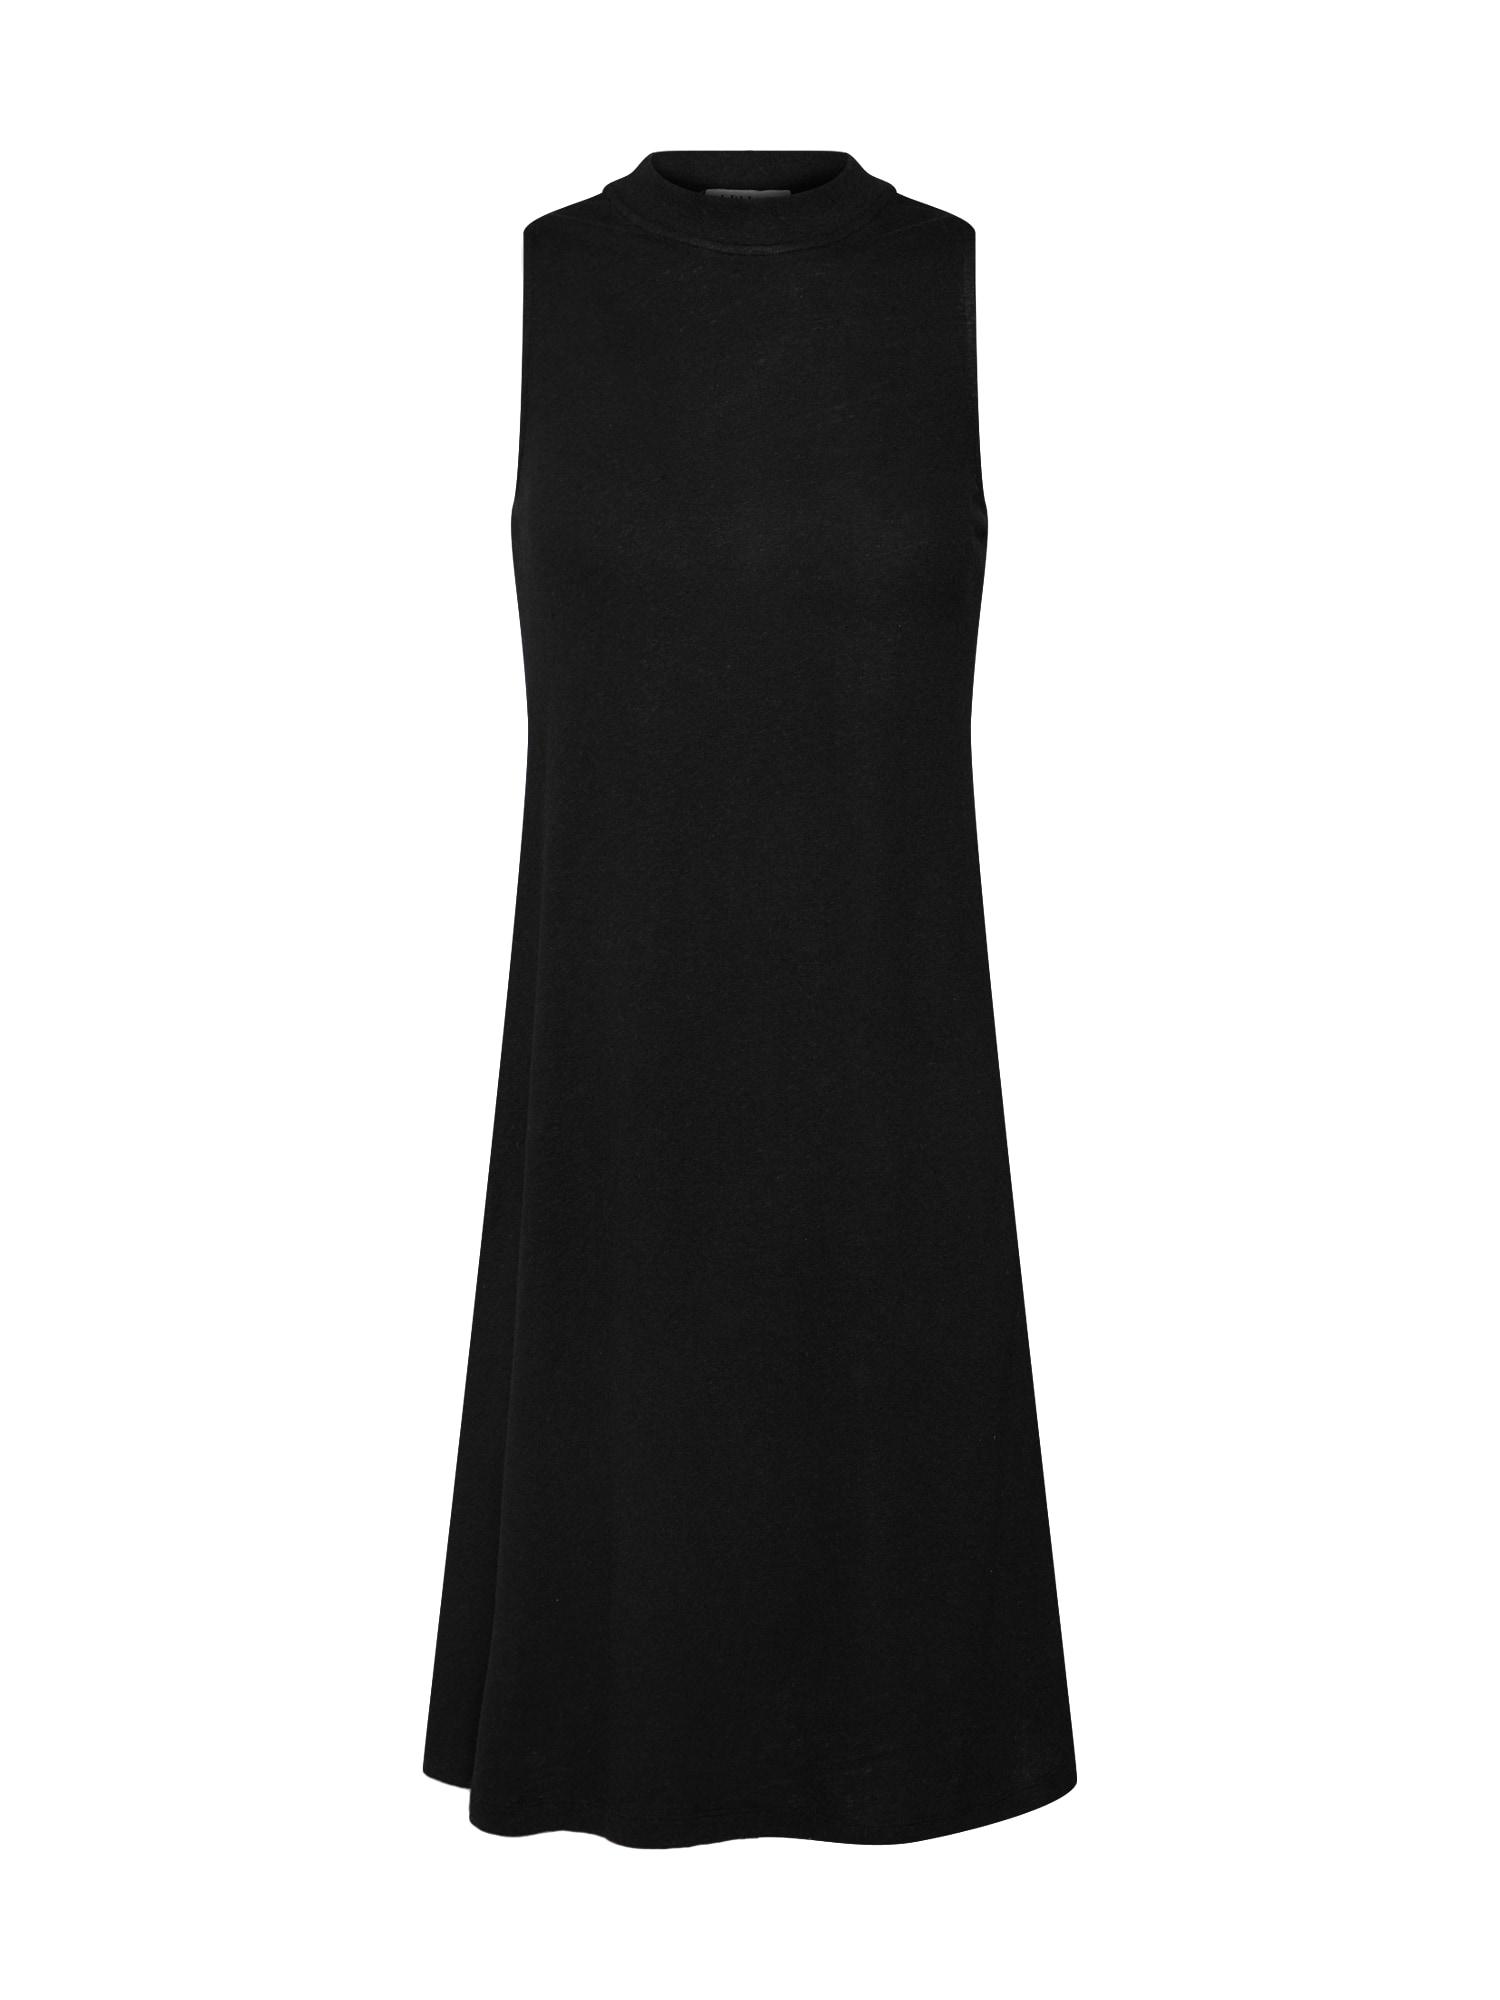 Šaty Akemi černá EDITED